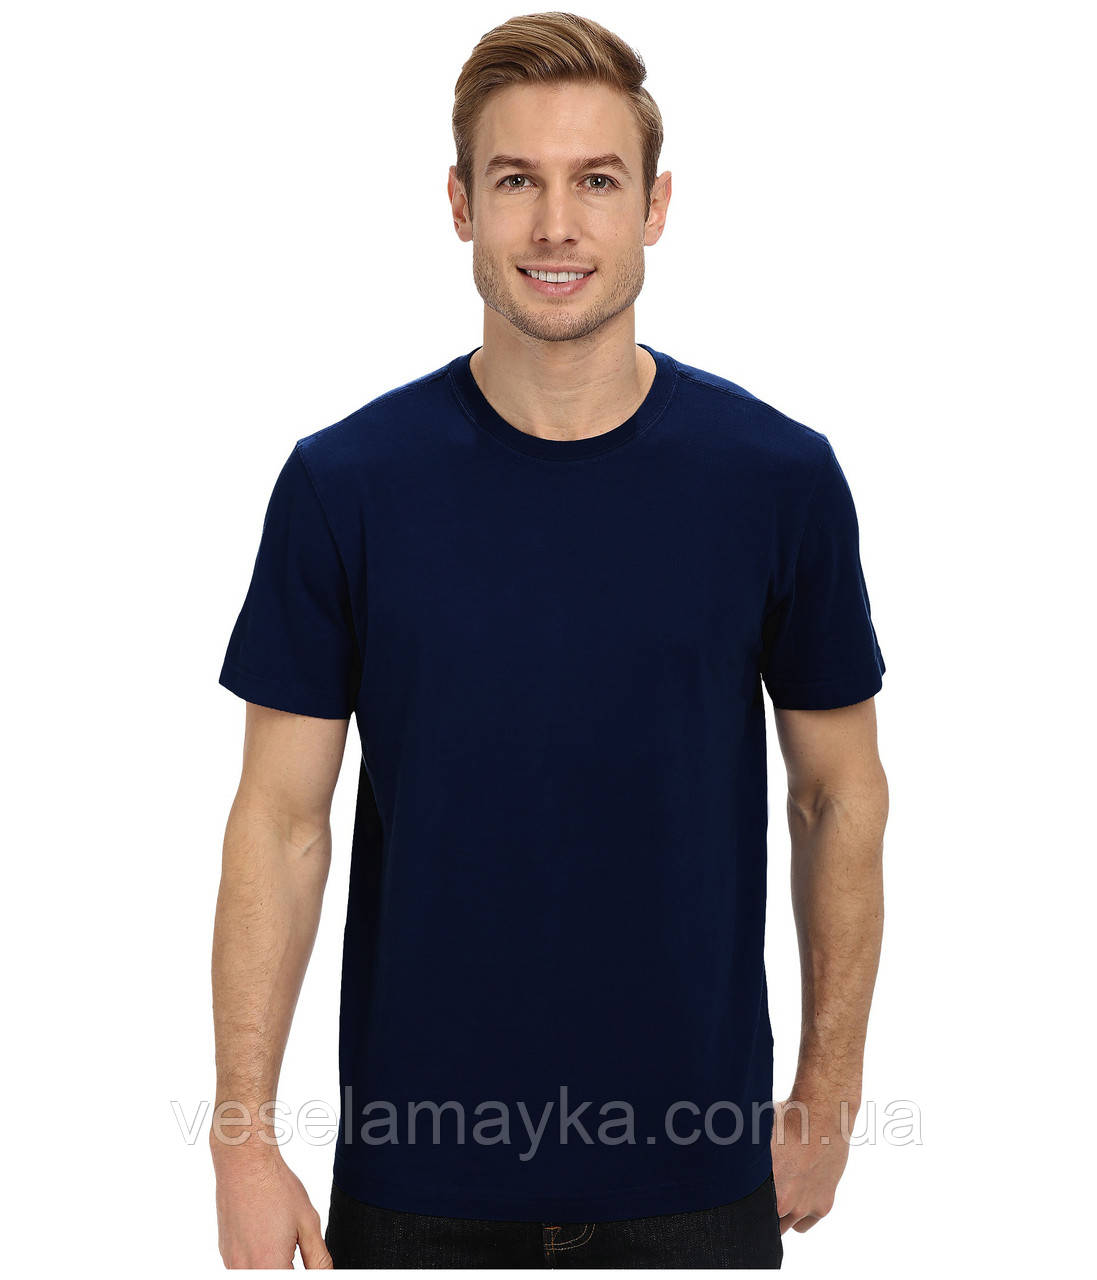 Глибоко темно-синя чоловіча футболка (Преміум)